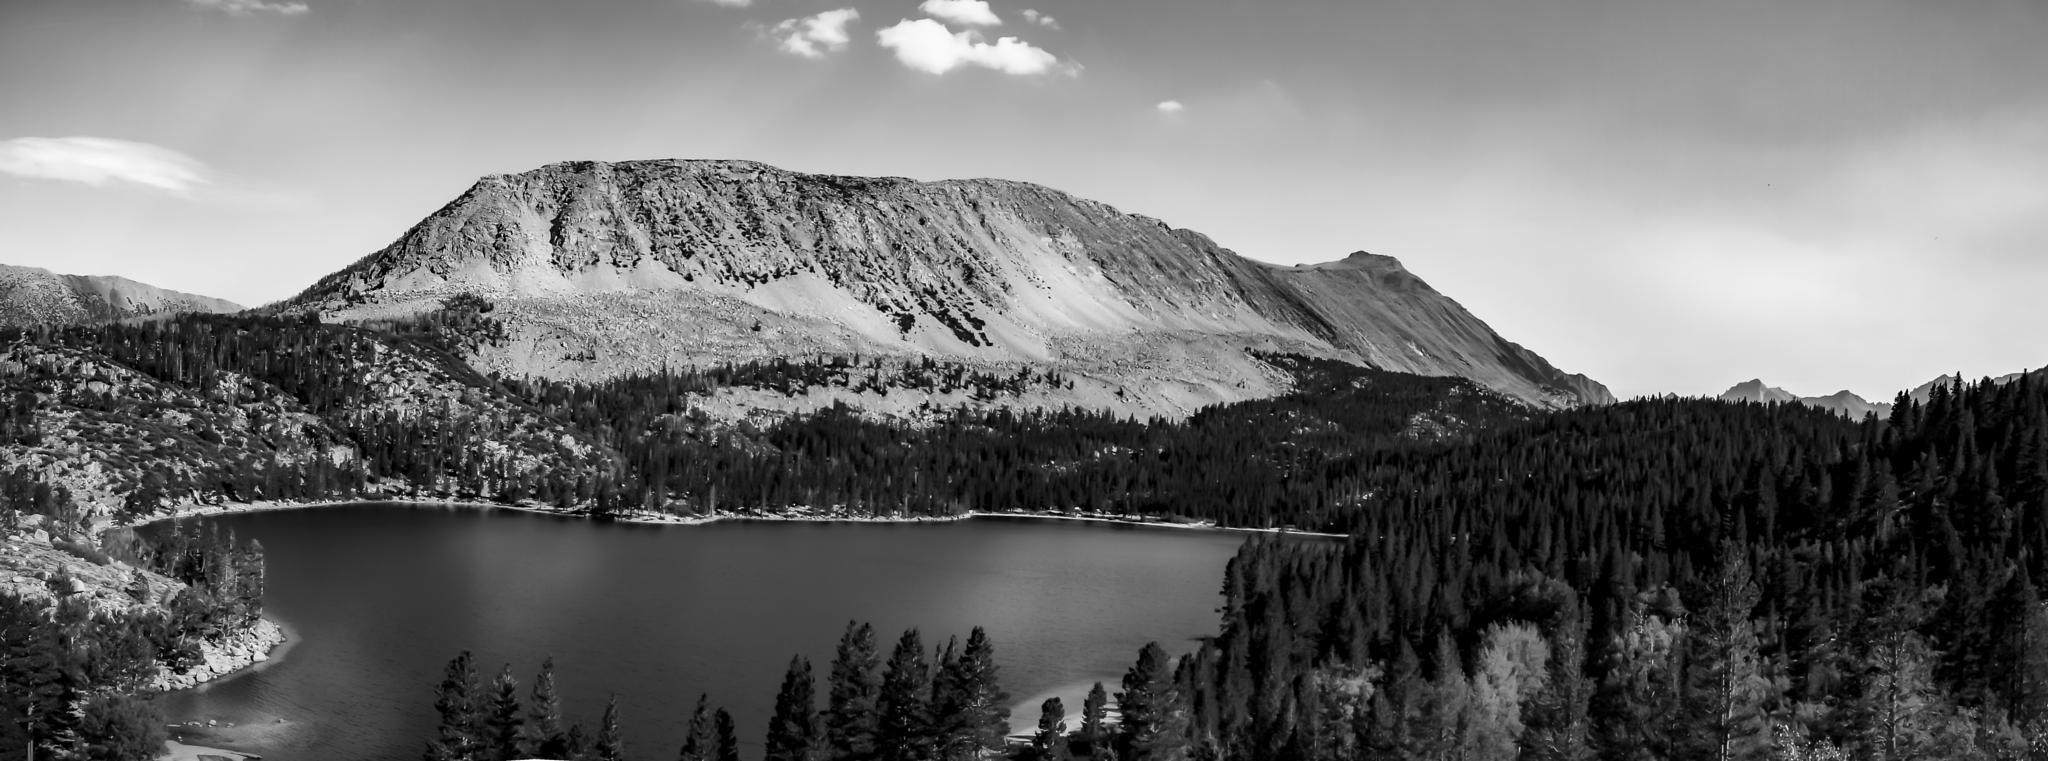 rock creek lake by hugh.mobley.946